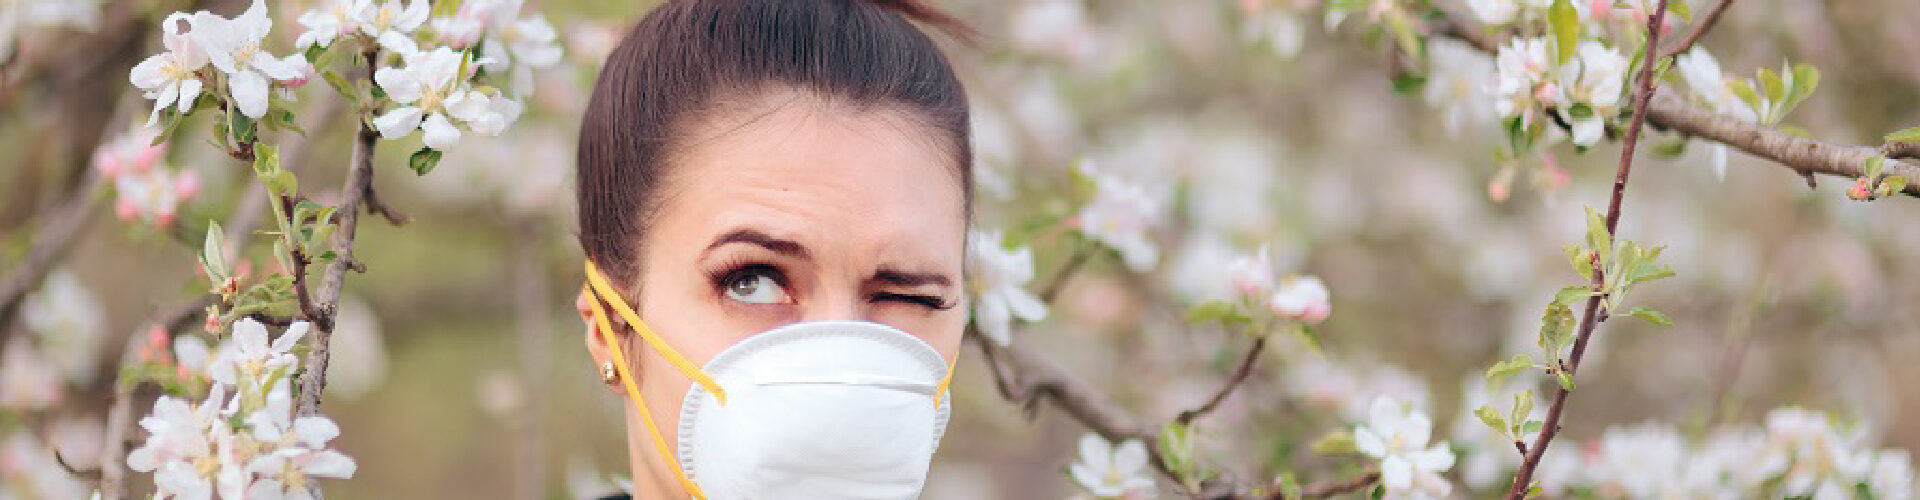 allergie_header-01